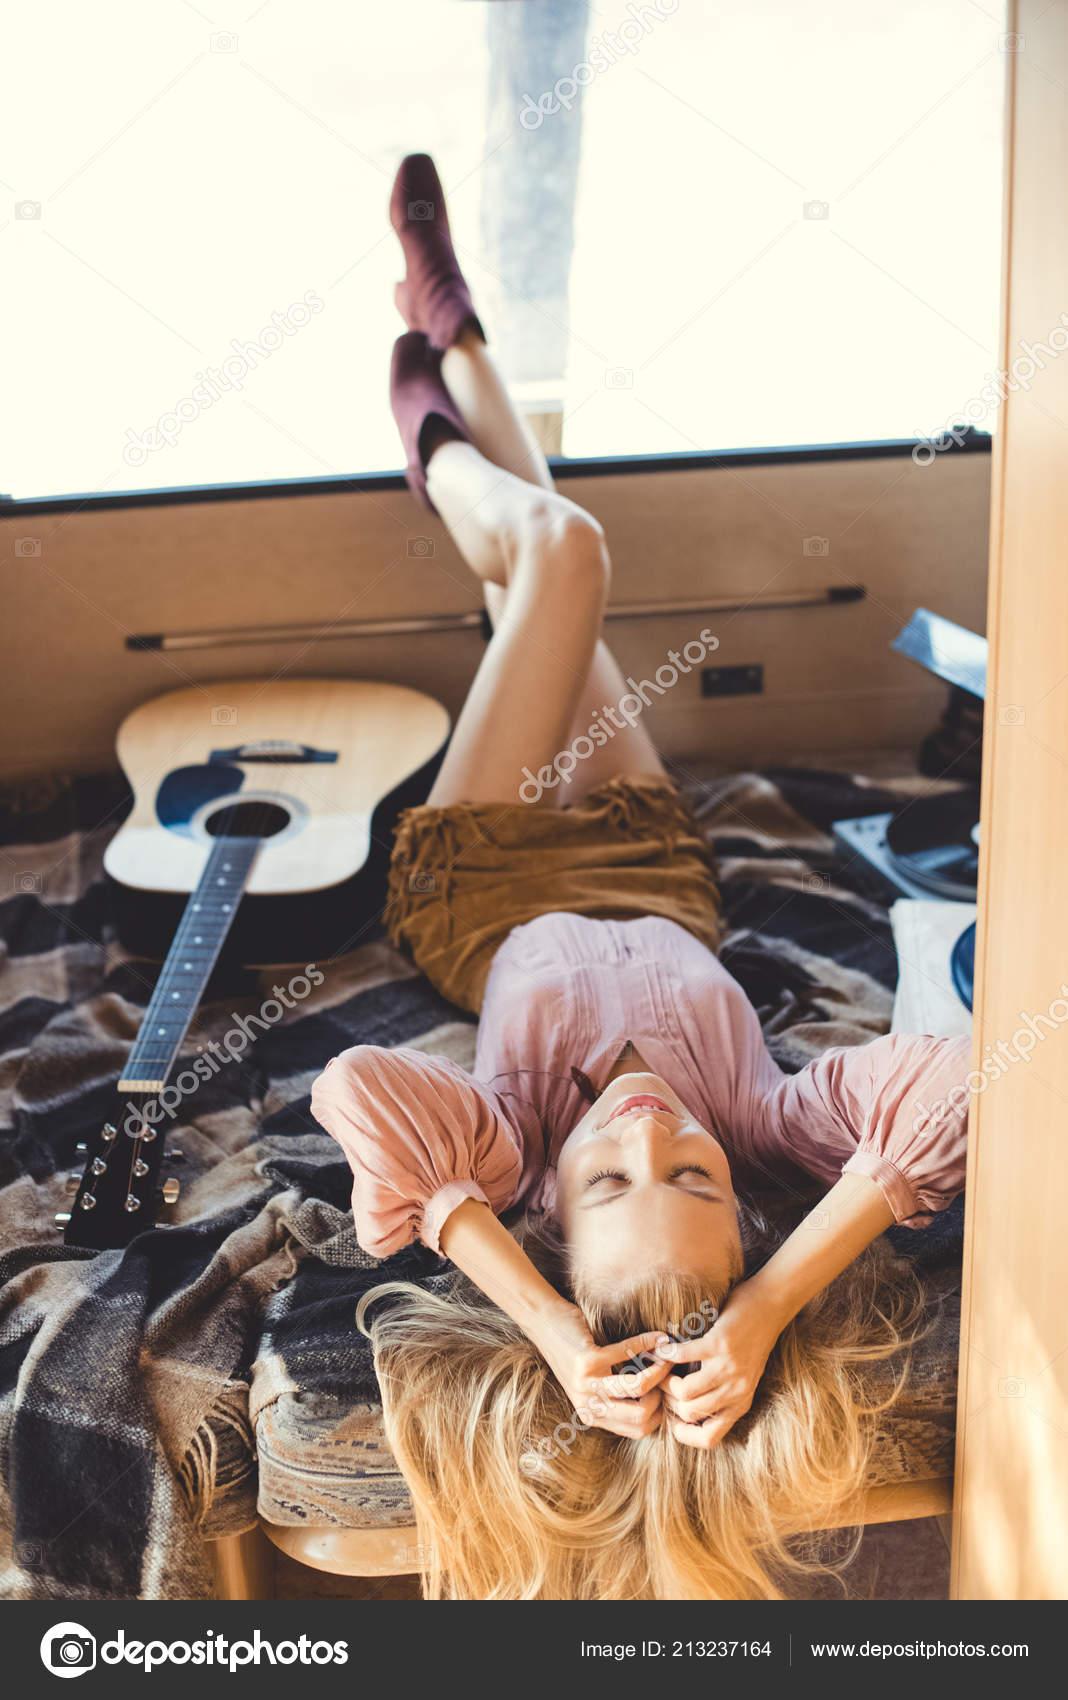 fille de hippie reposante lintrieur de la remorque avec le joueur de guitare et vinyle acoustique image de arturverkhovetskiy